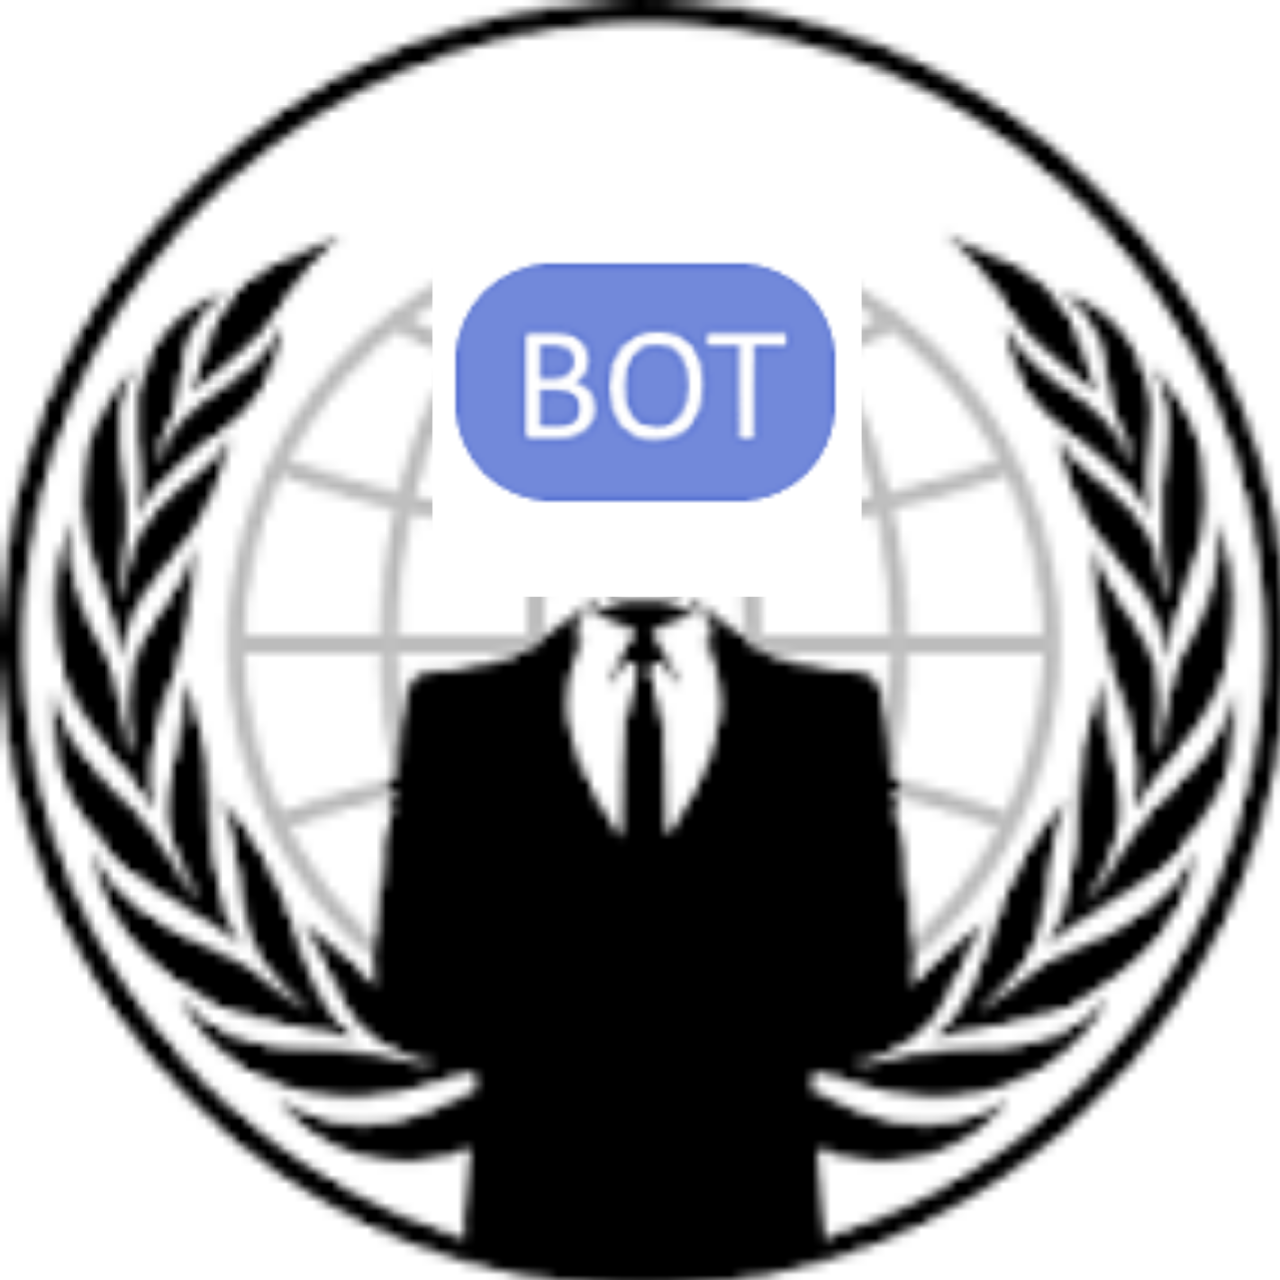 AnonyBot